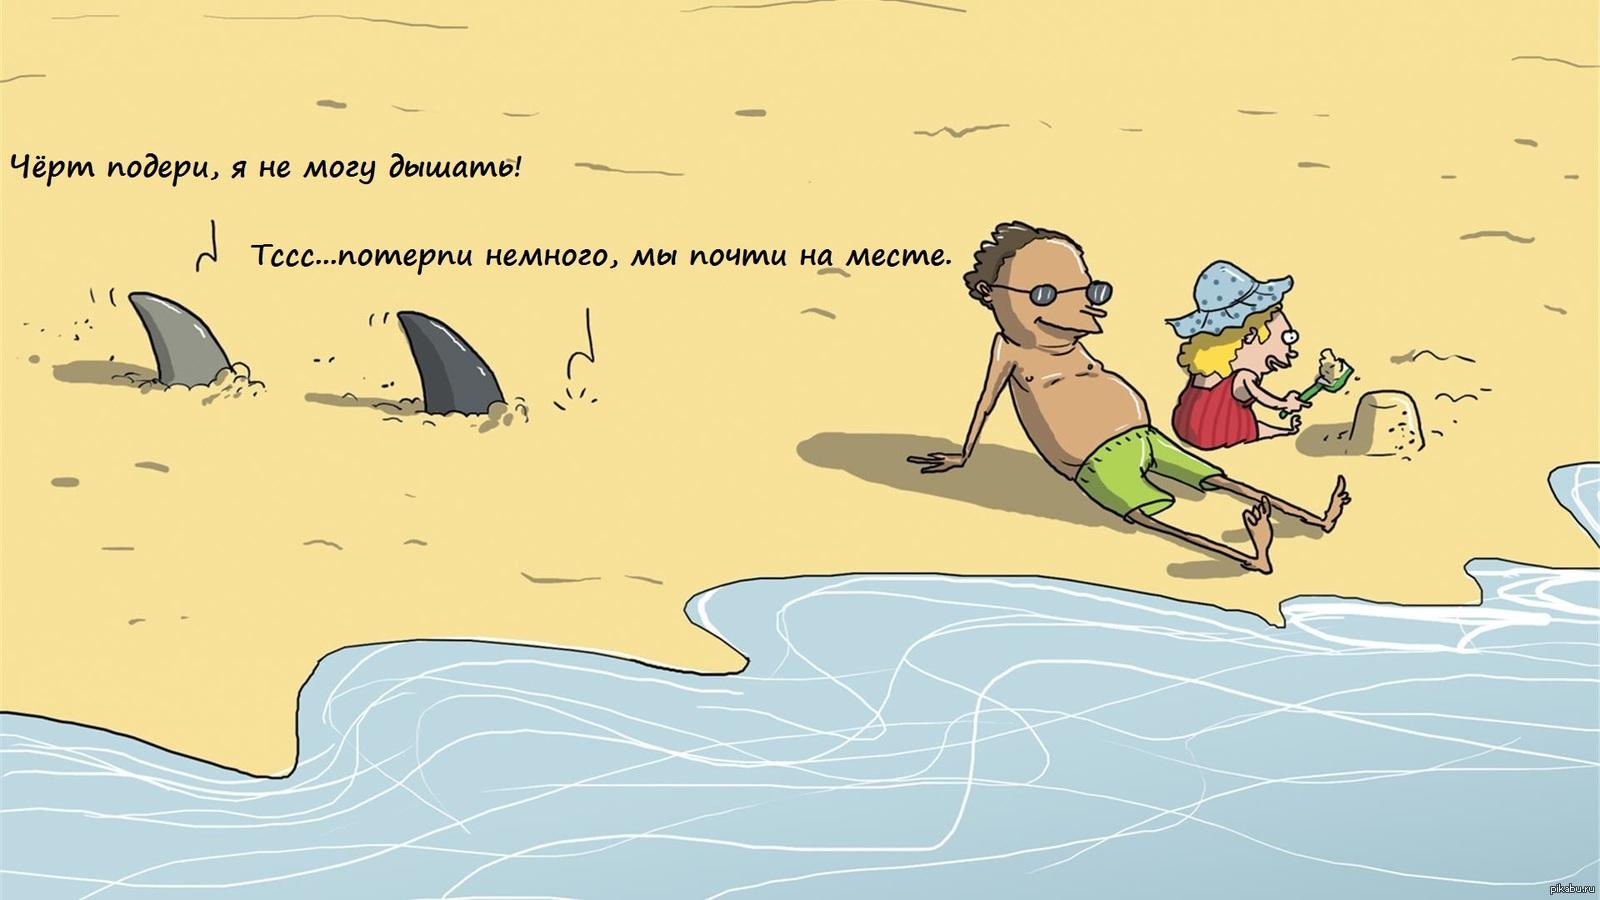 Море картинки с юмором